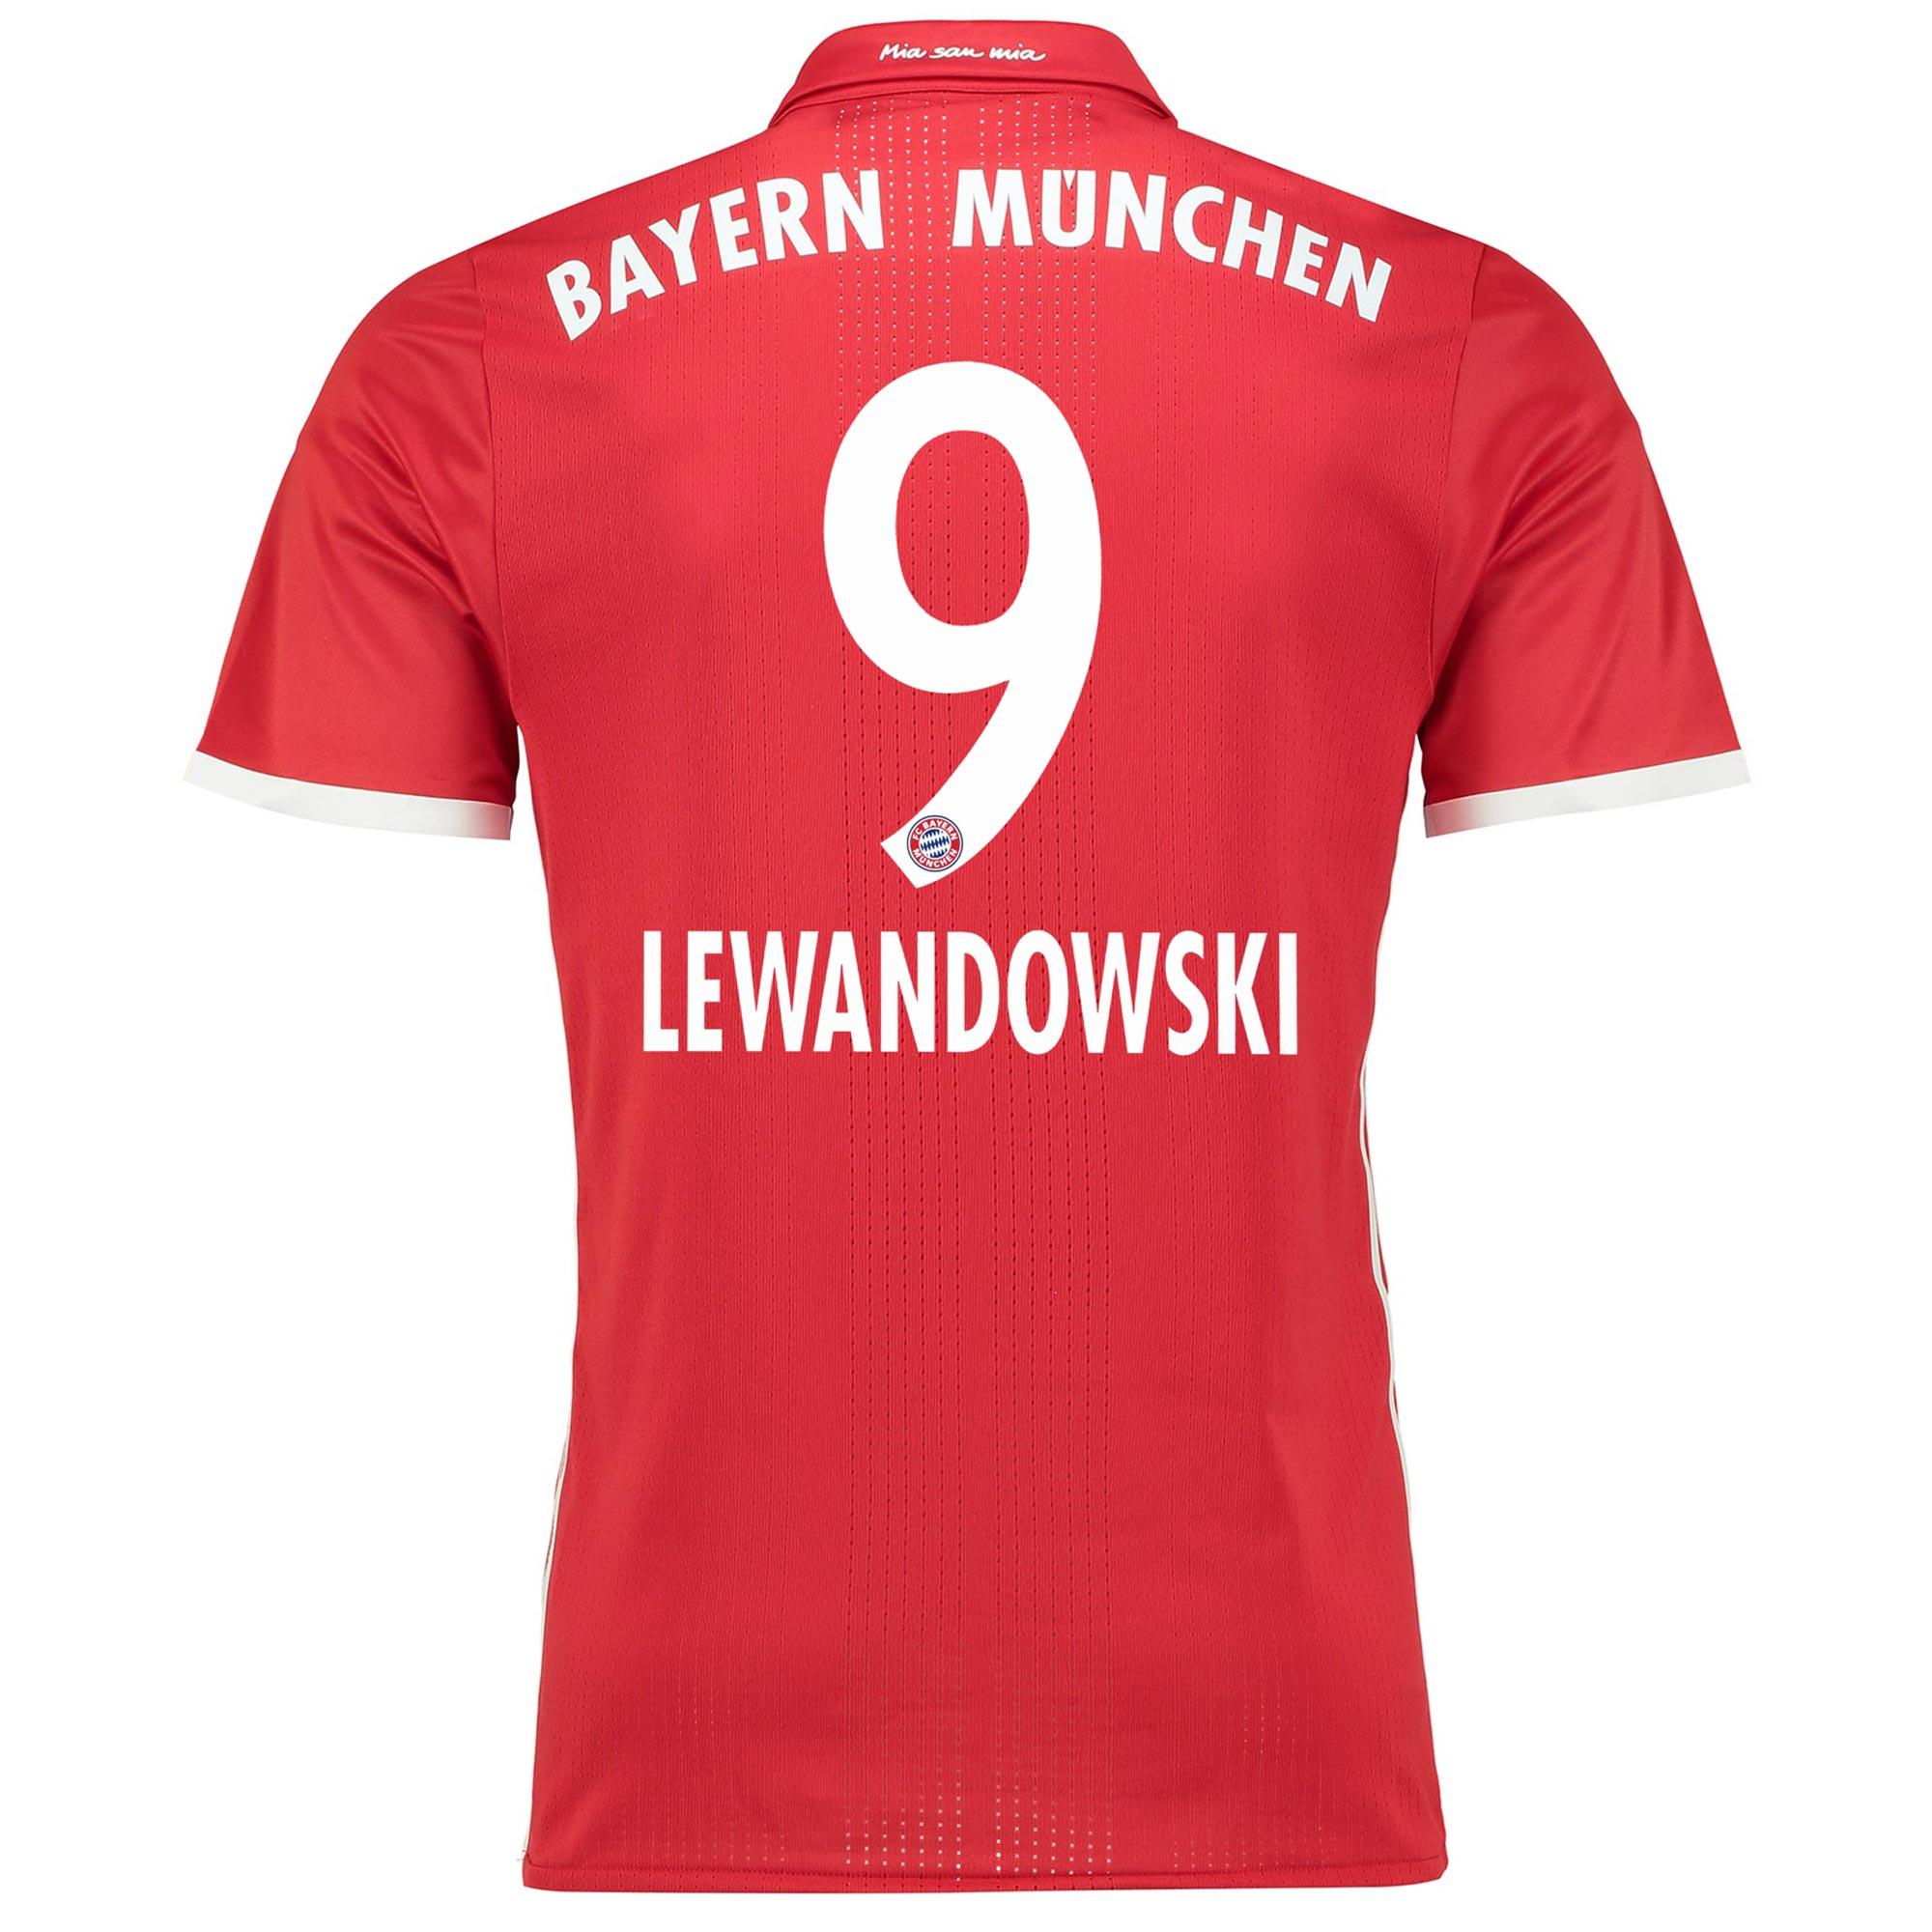 Image of Bayern Munich Home Adi Zero Shirt 2016-17 with Lewandowski 9 printing, Red